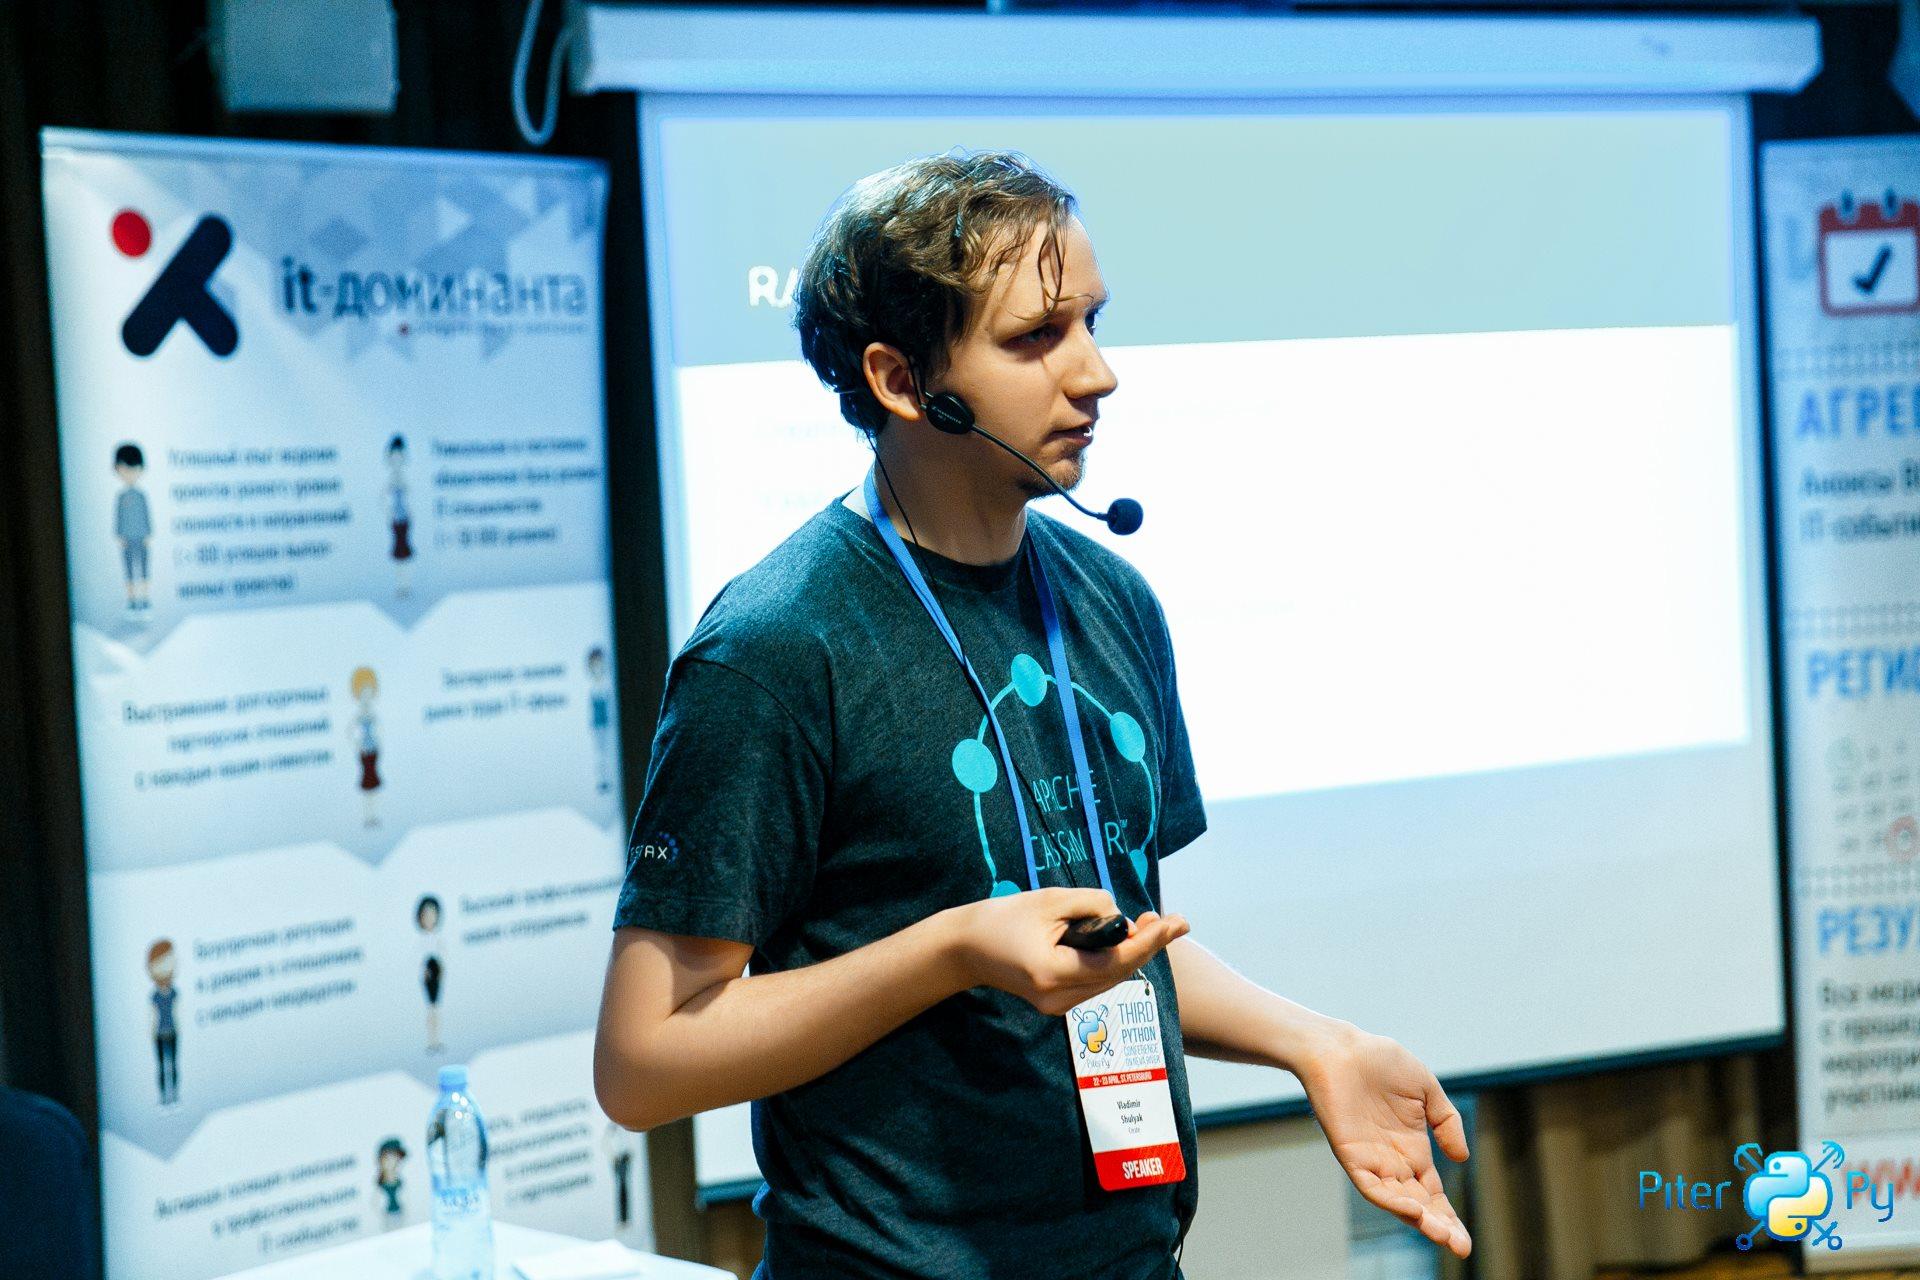 Как мы делаем PiterPy — европейскую конференцию по Python в Петербурге - 8